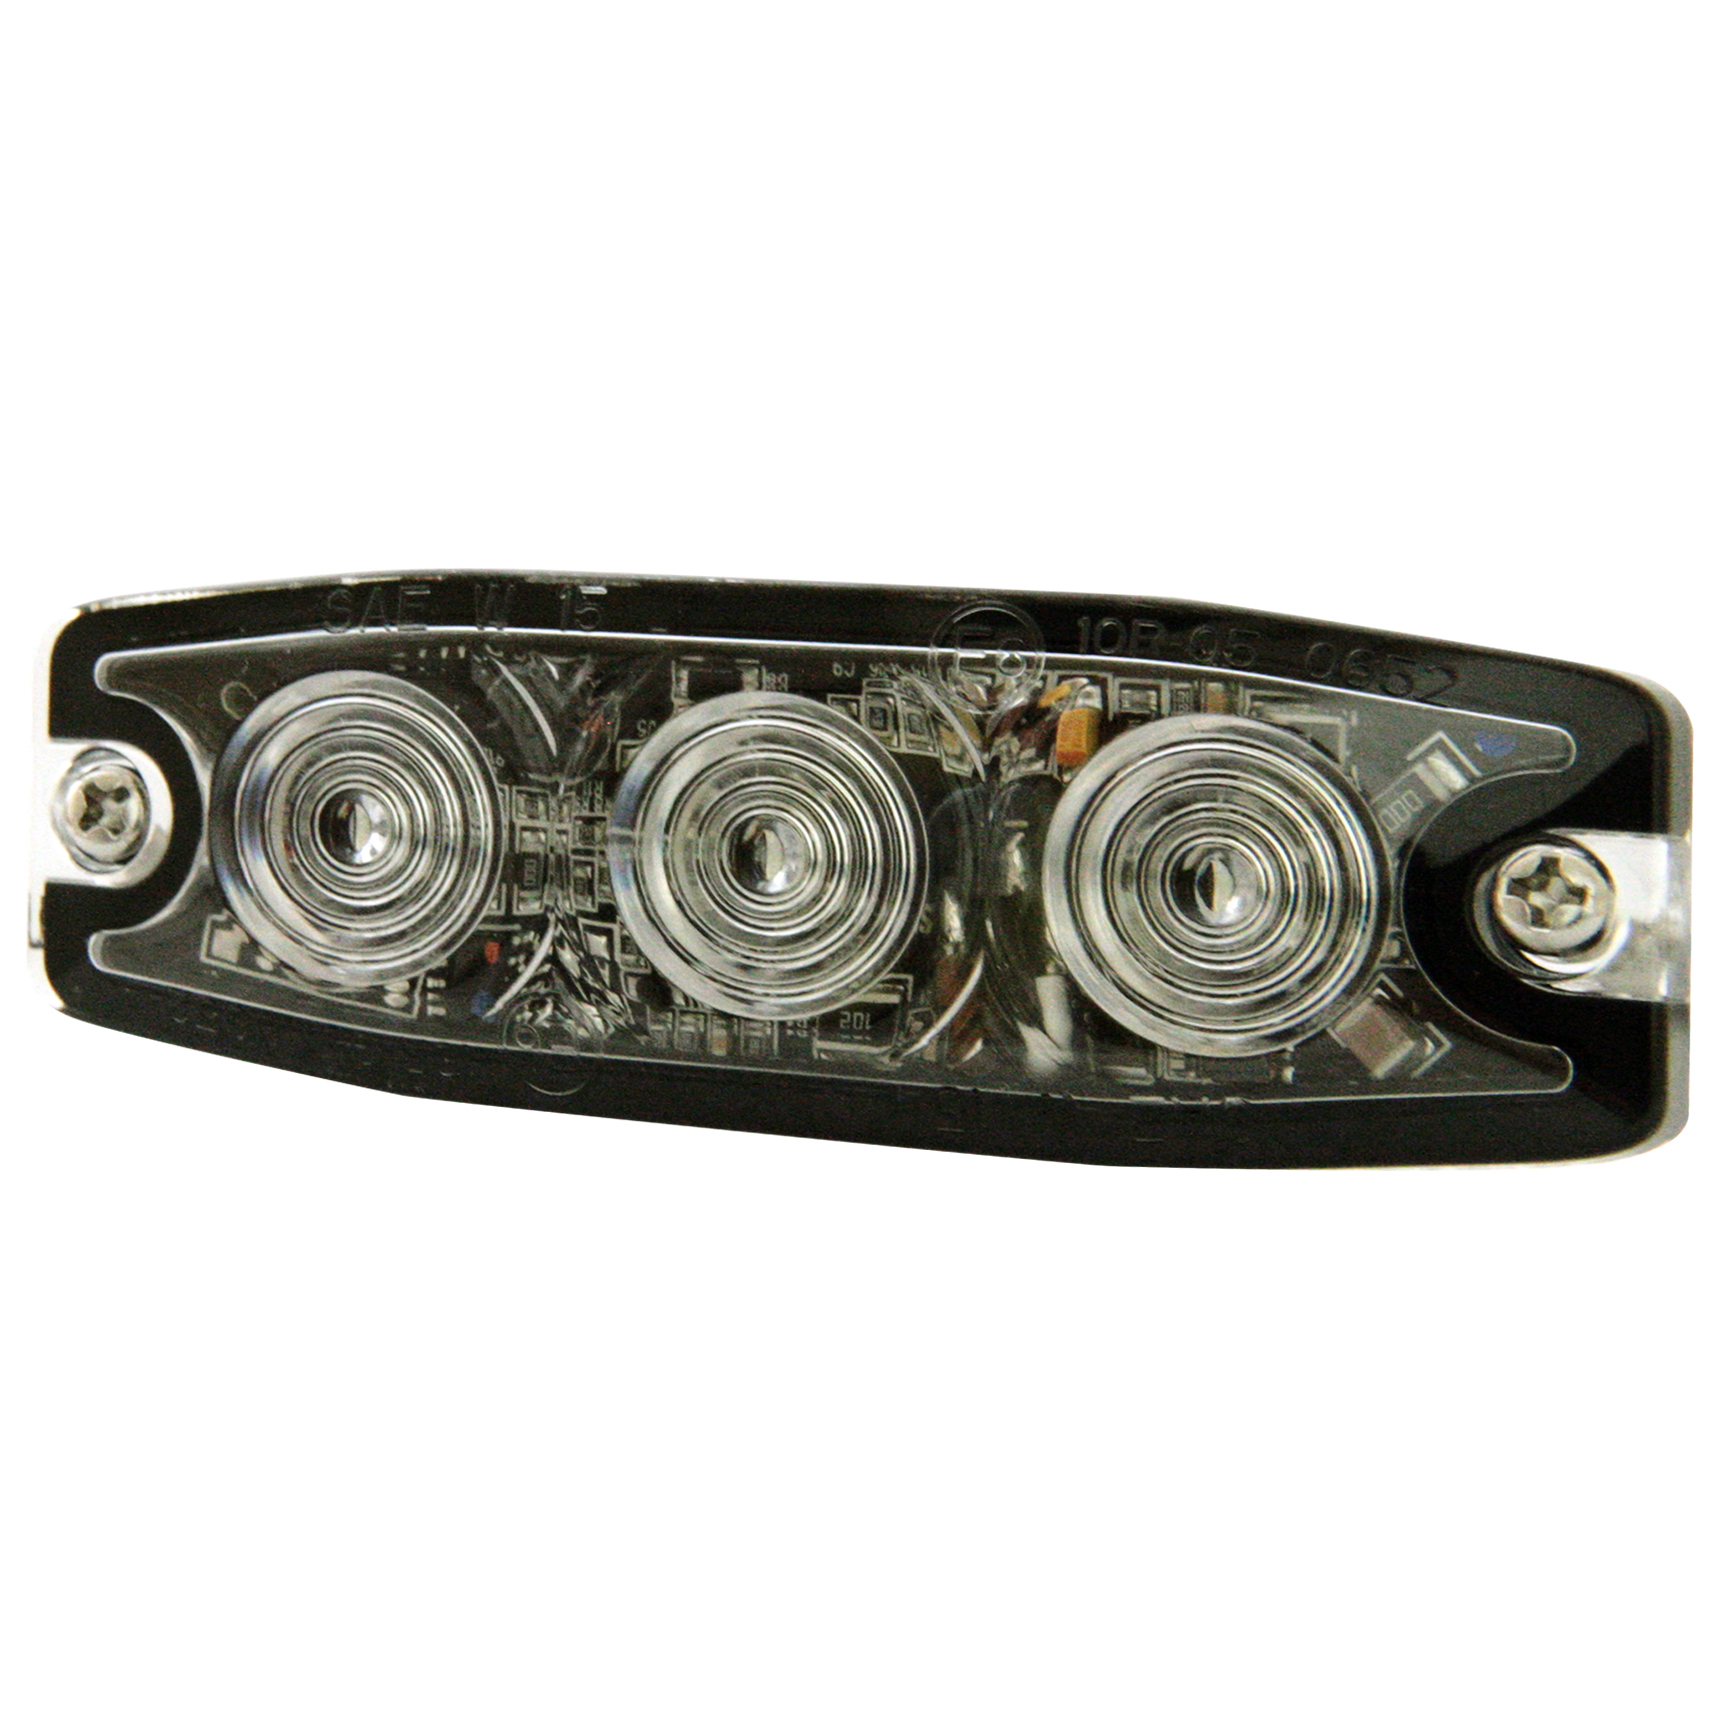 LED Warning Light - 12/24v - SL-10461